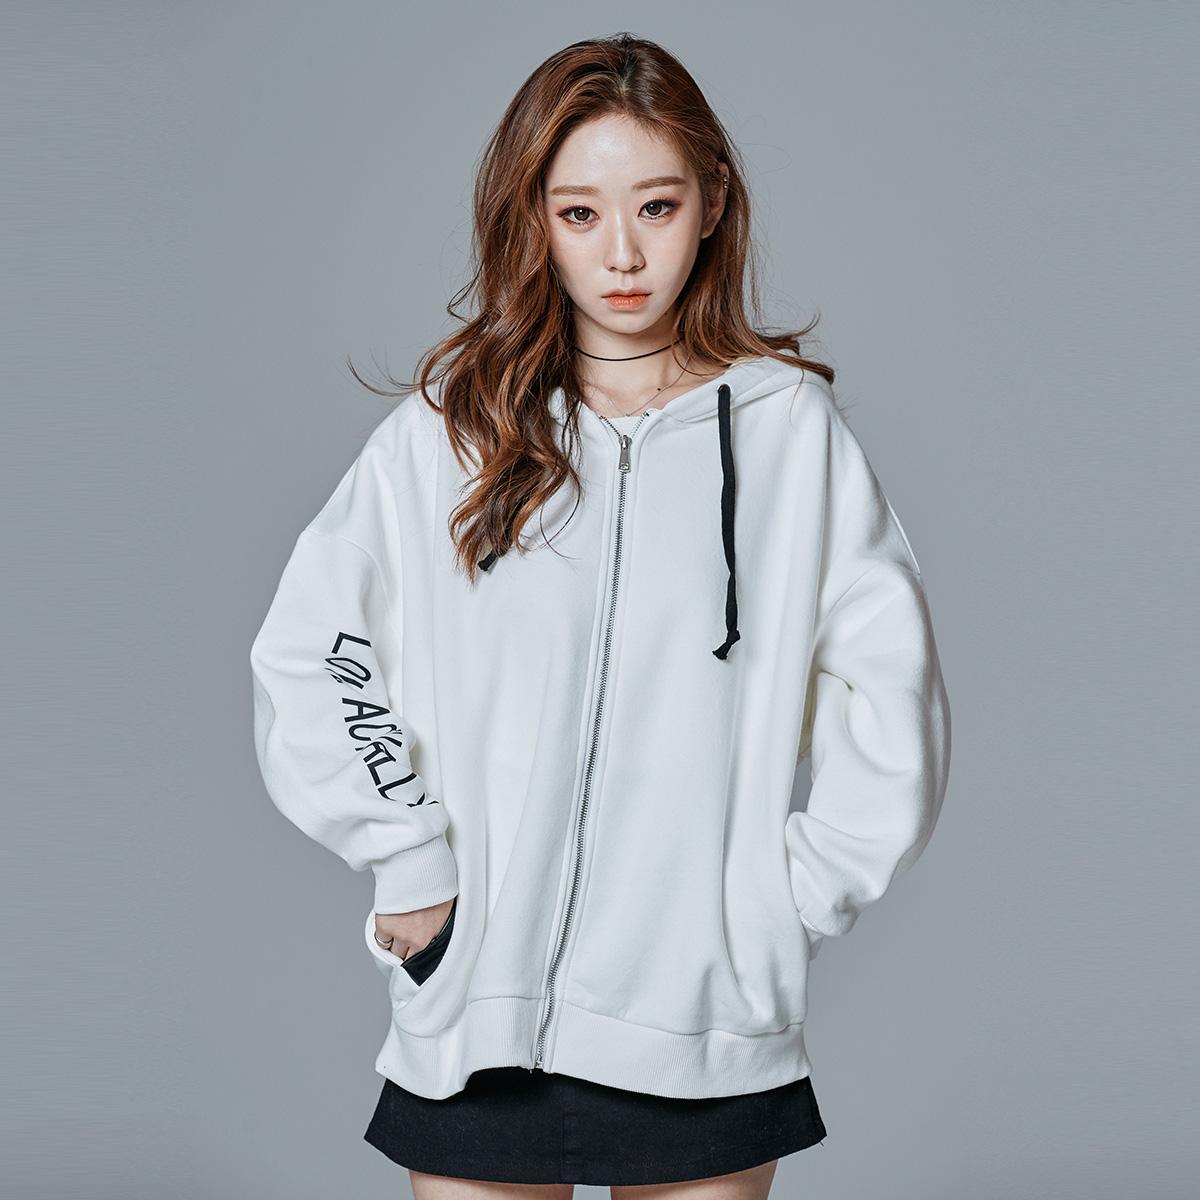 韩版秋装外套女装_学生韩版秋装外套女装牌子哪个好 怎么样